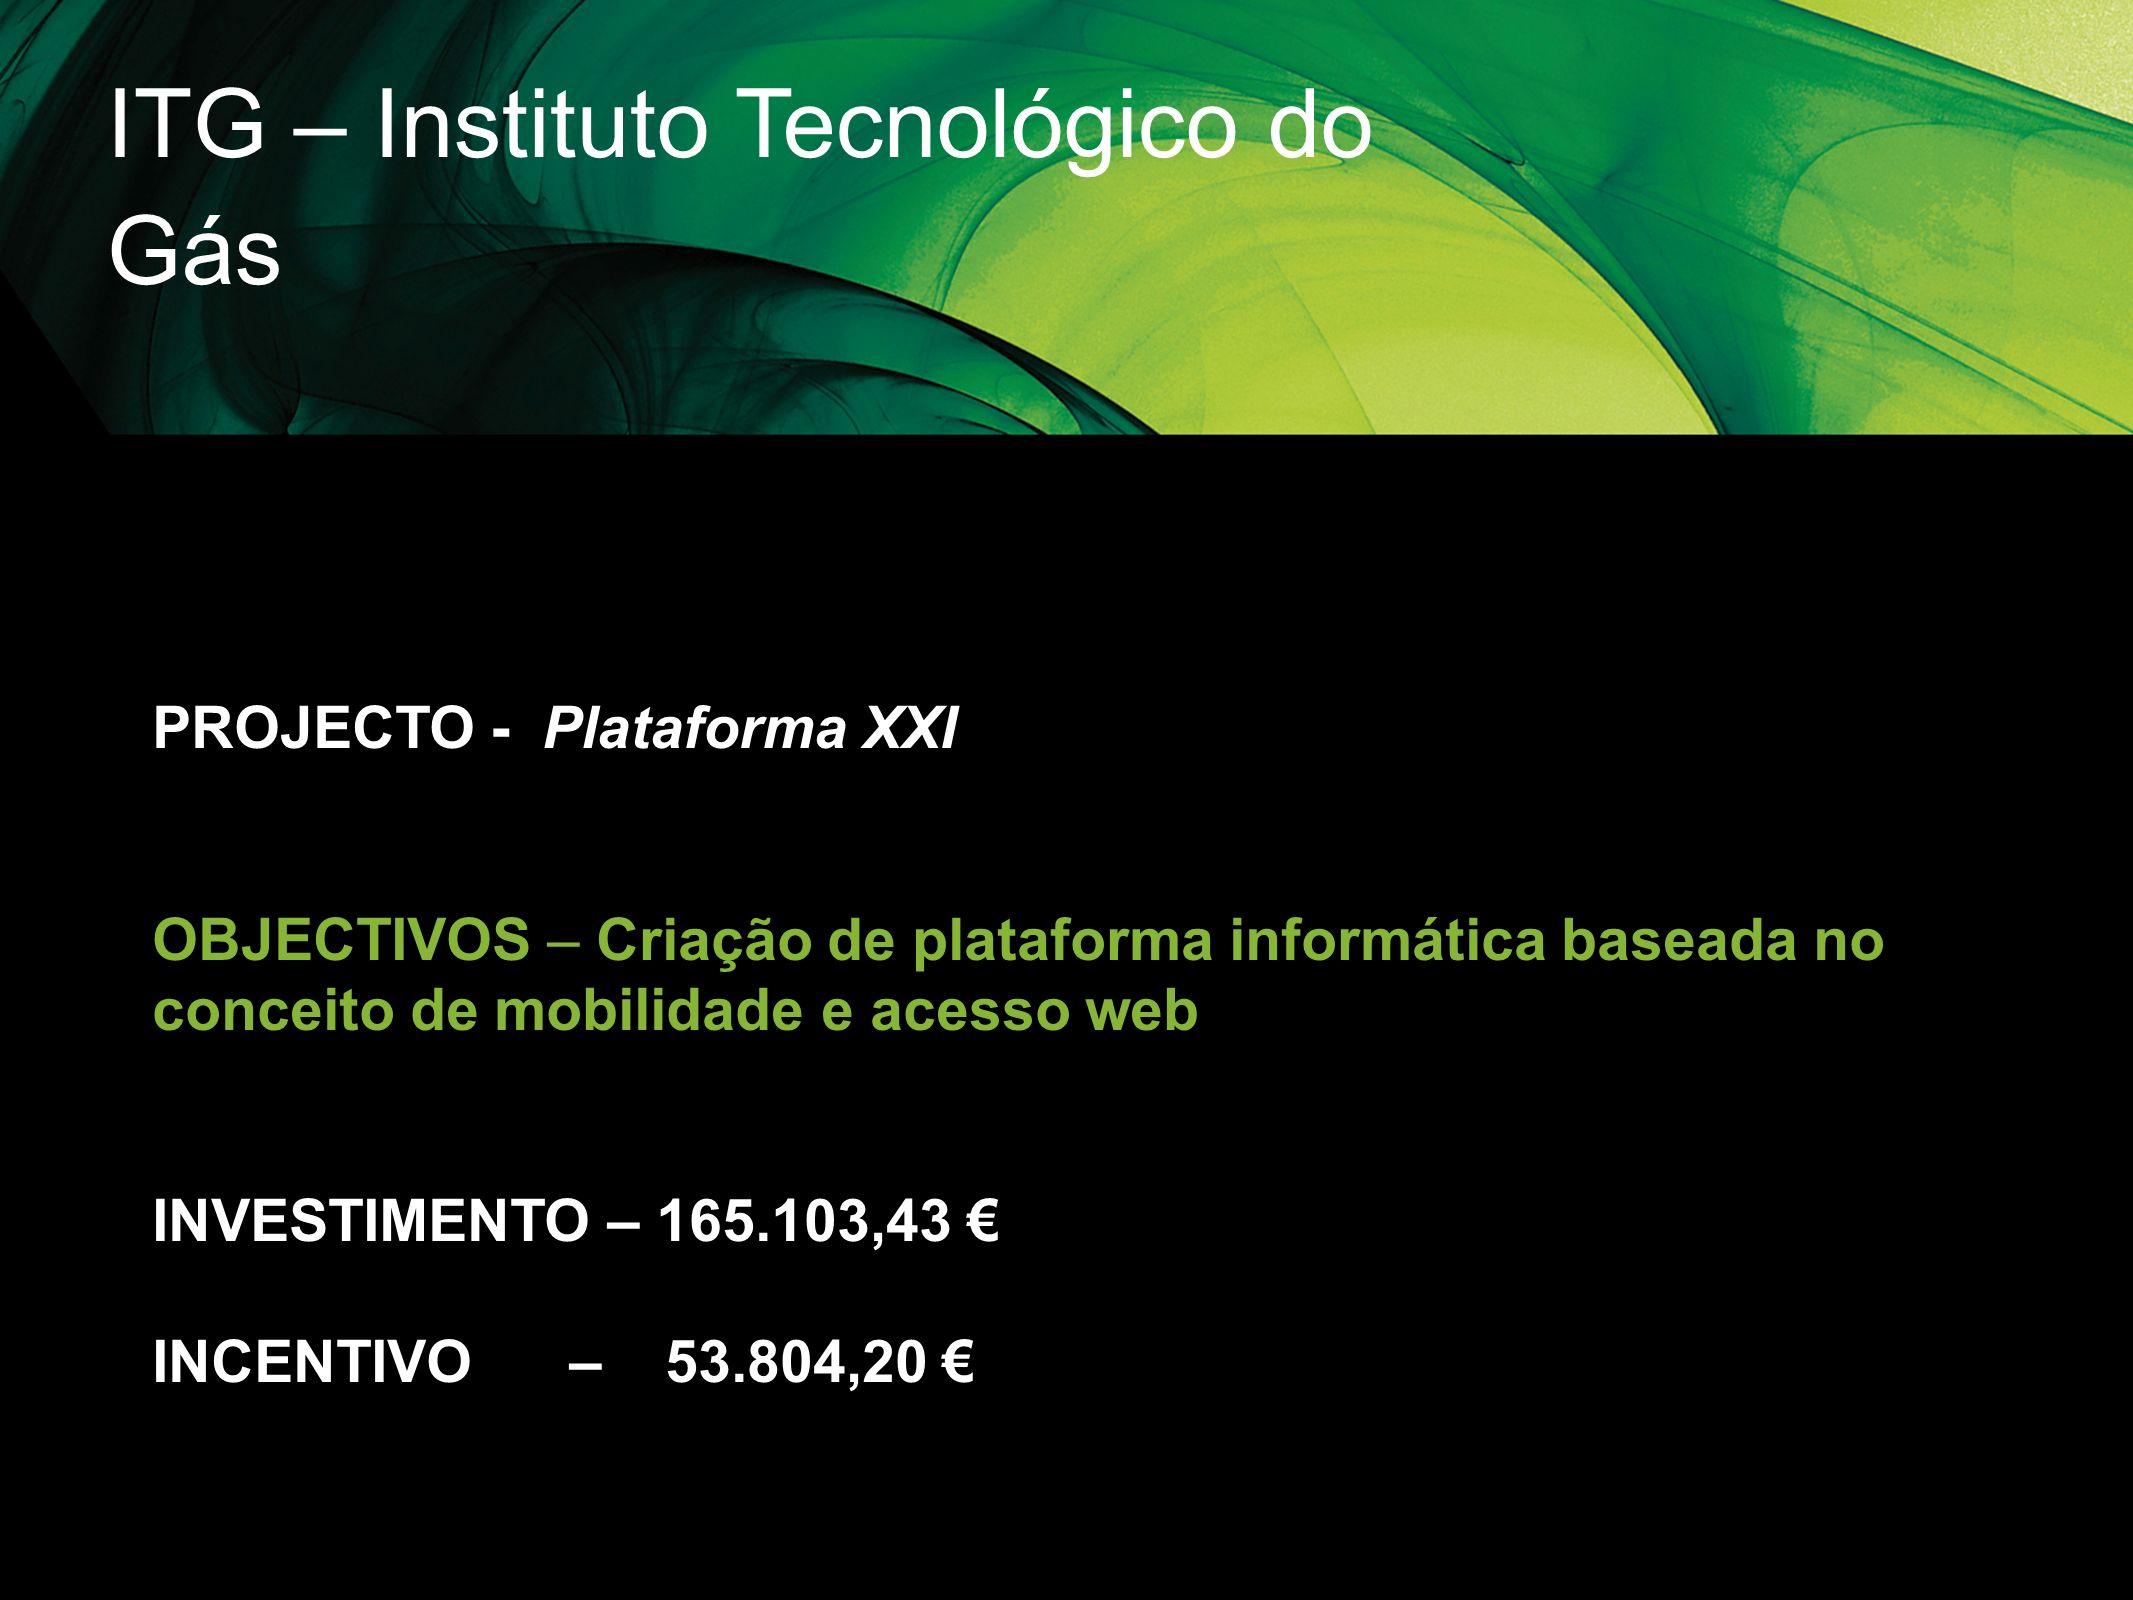 ITG – Instituto Tecnológico do Gás PROJECTO - Plataforma XXI OBJECTIVOS – Criação de plataforma informática baseada no conceito de mobilidade e acesso